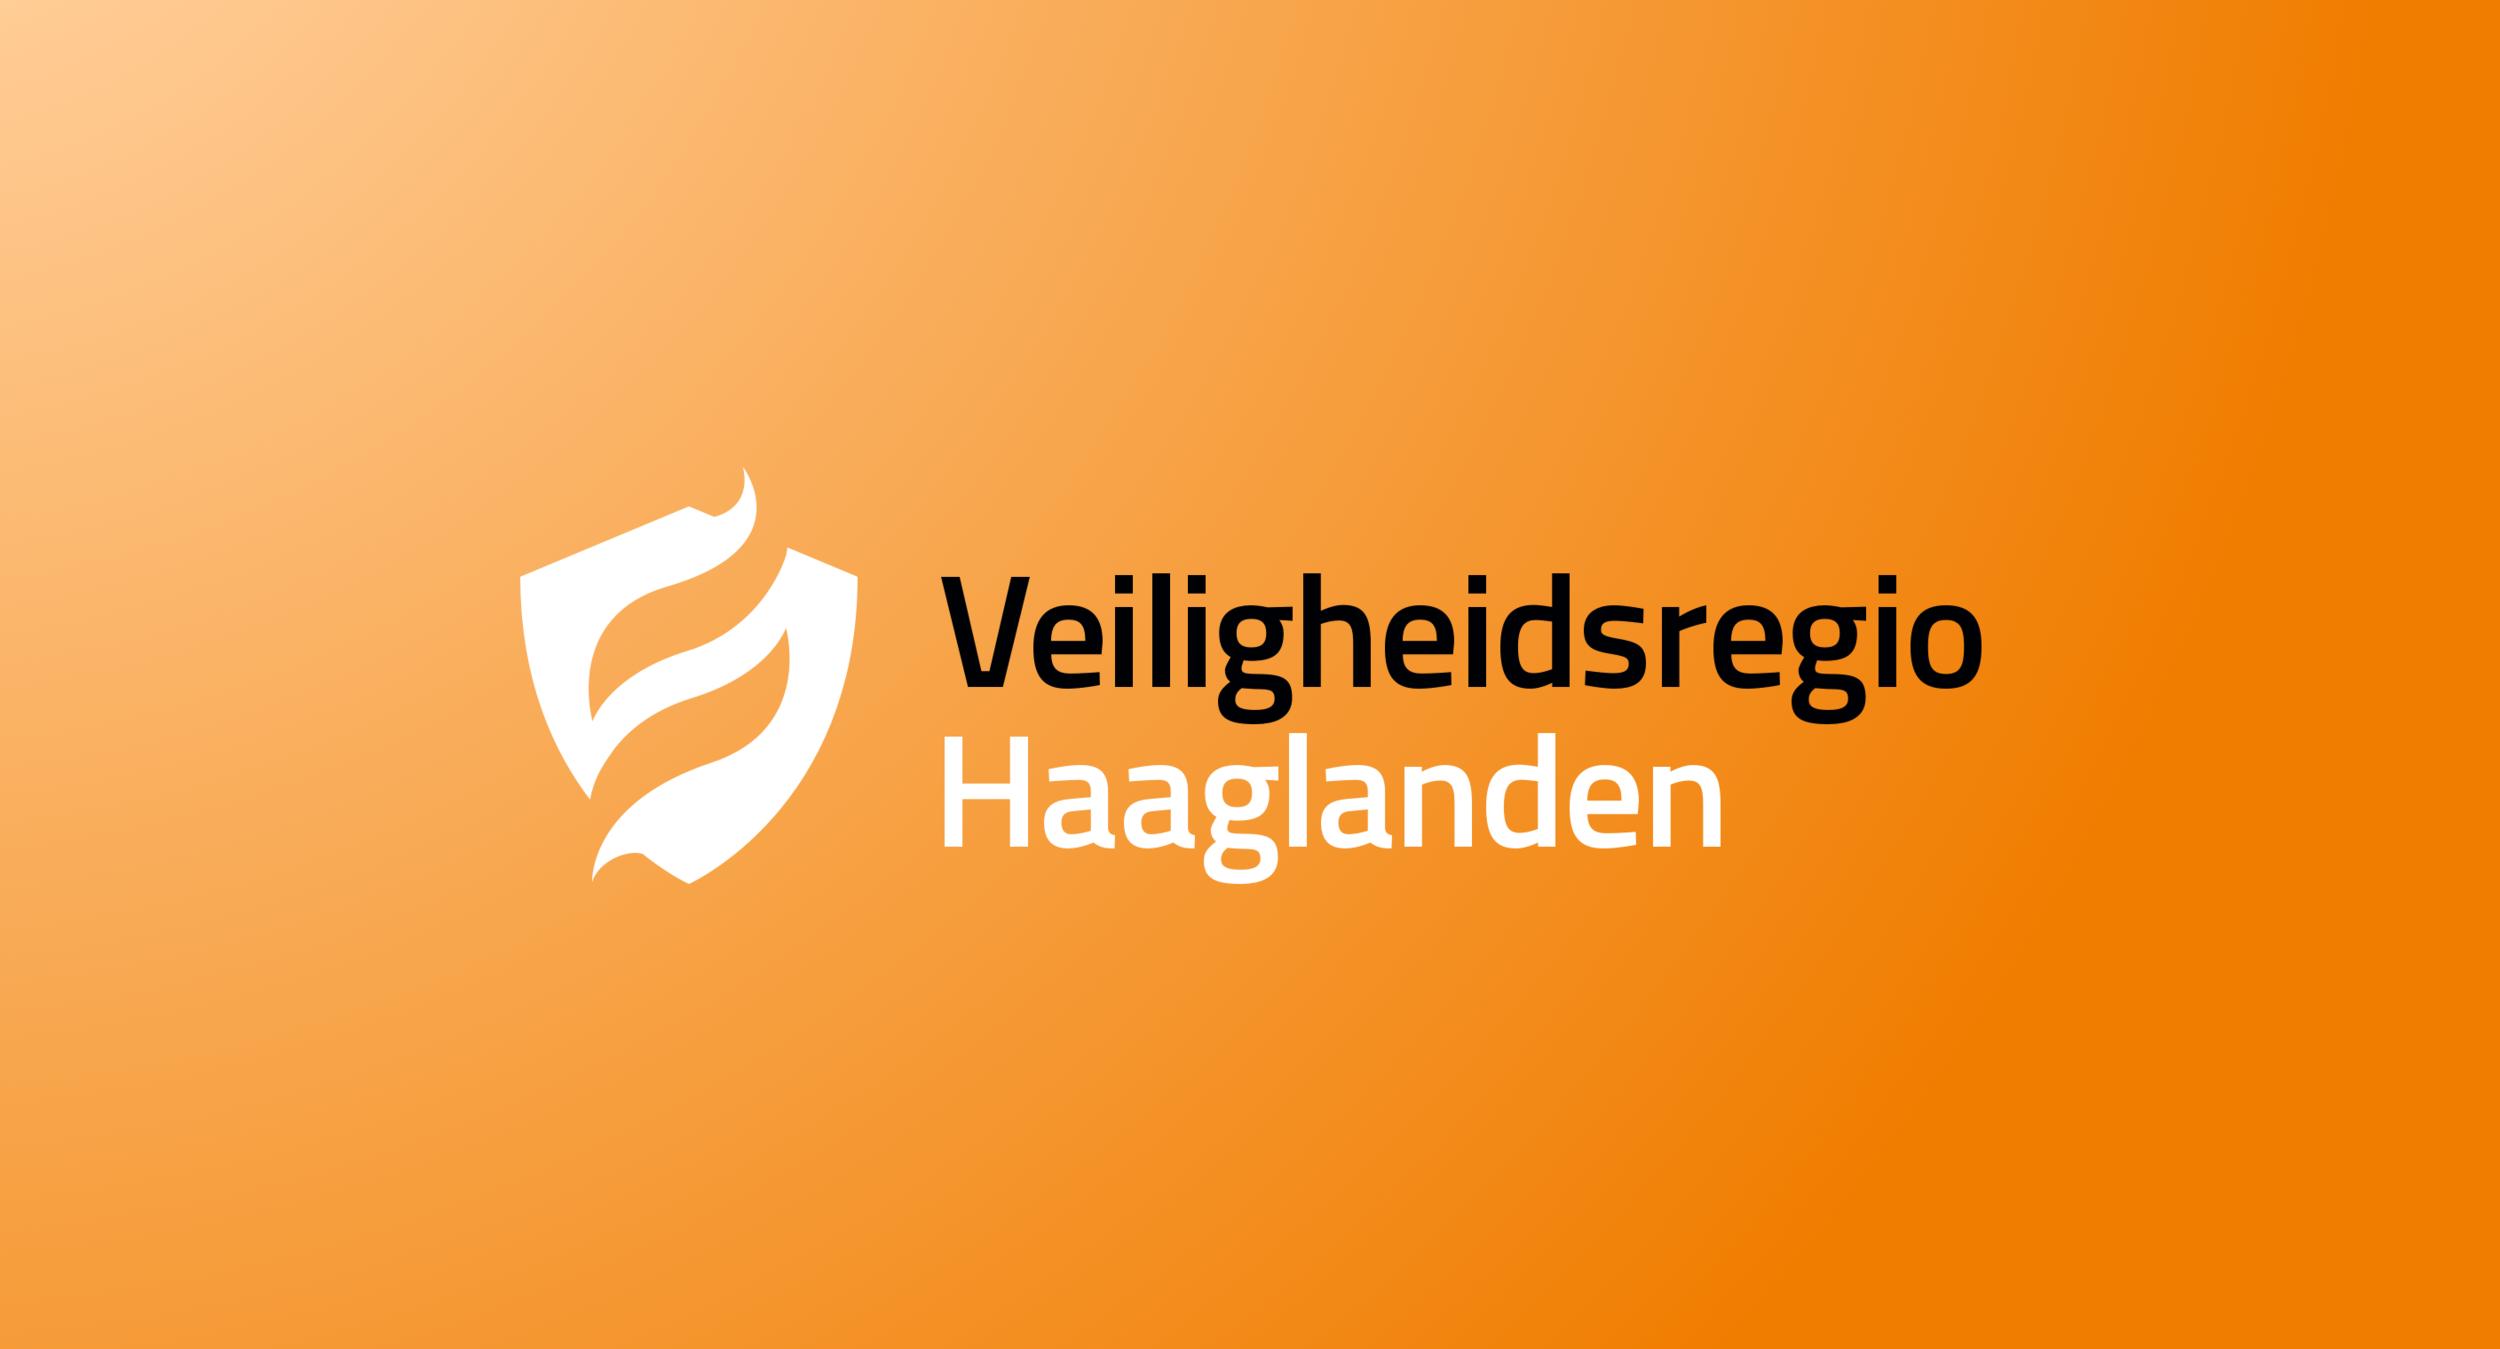 Urban Heroes Websitebouw Online Marketing In Middelburg Zeeland